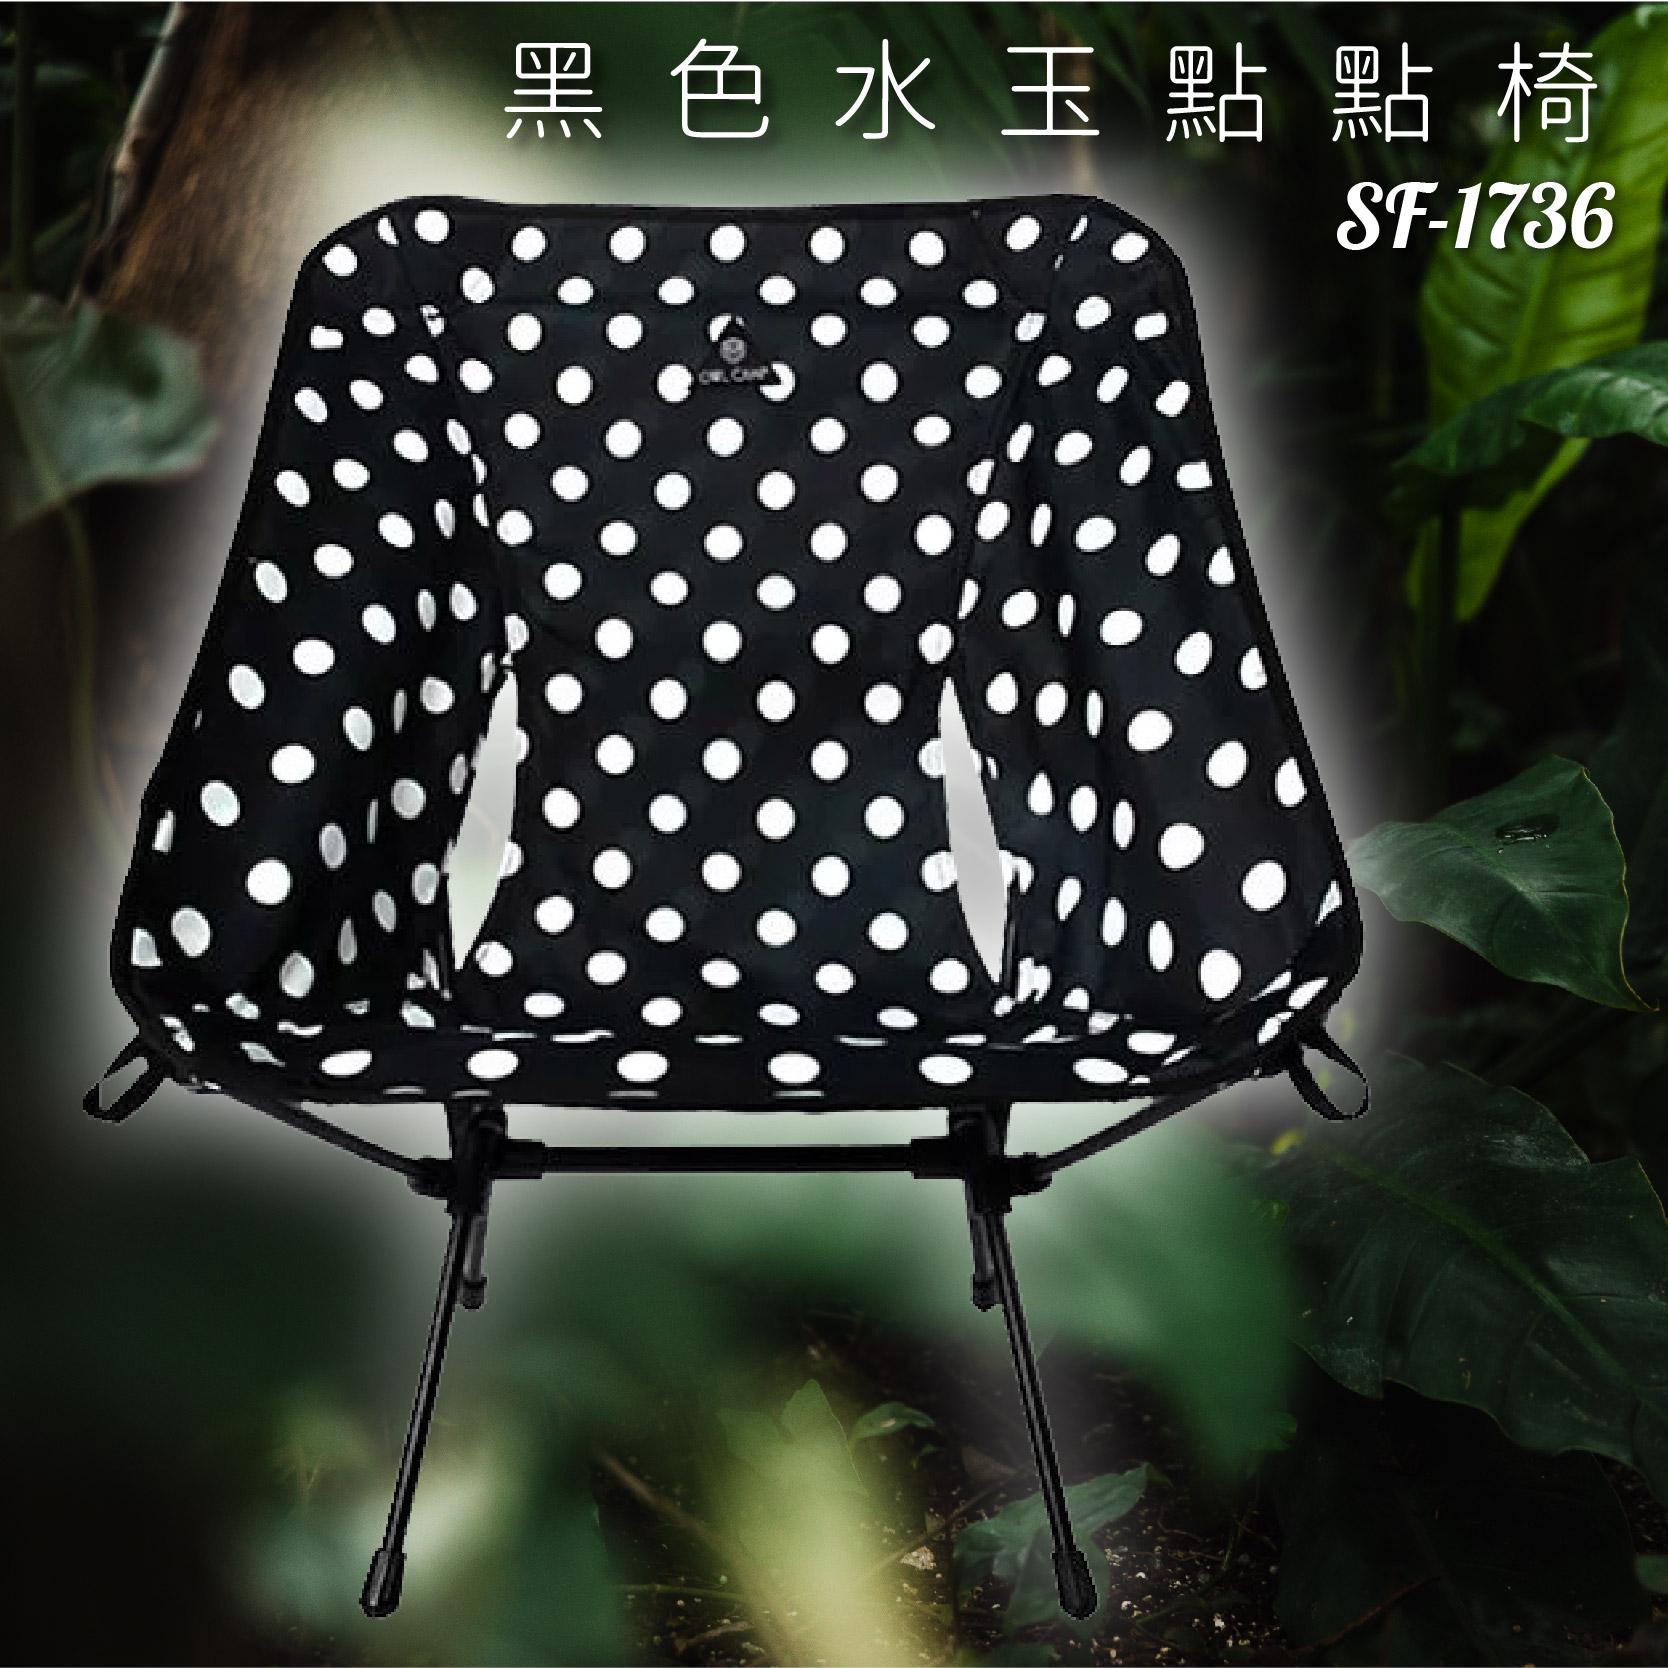 好想去旅行!印花椅 SF-1736 黑水玉點點 露營椅 摺疊椅 收納椅 沙灘椅 輕巧 時尚 旅行 假期 鋁合金 機能布